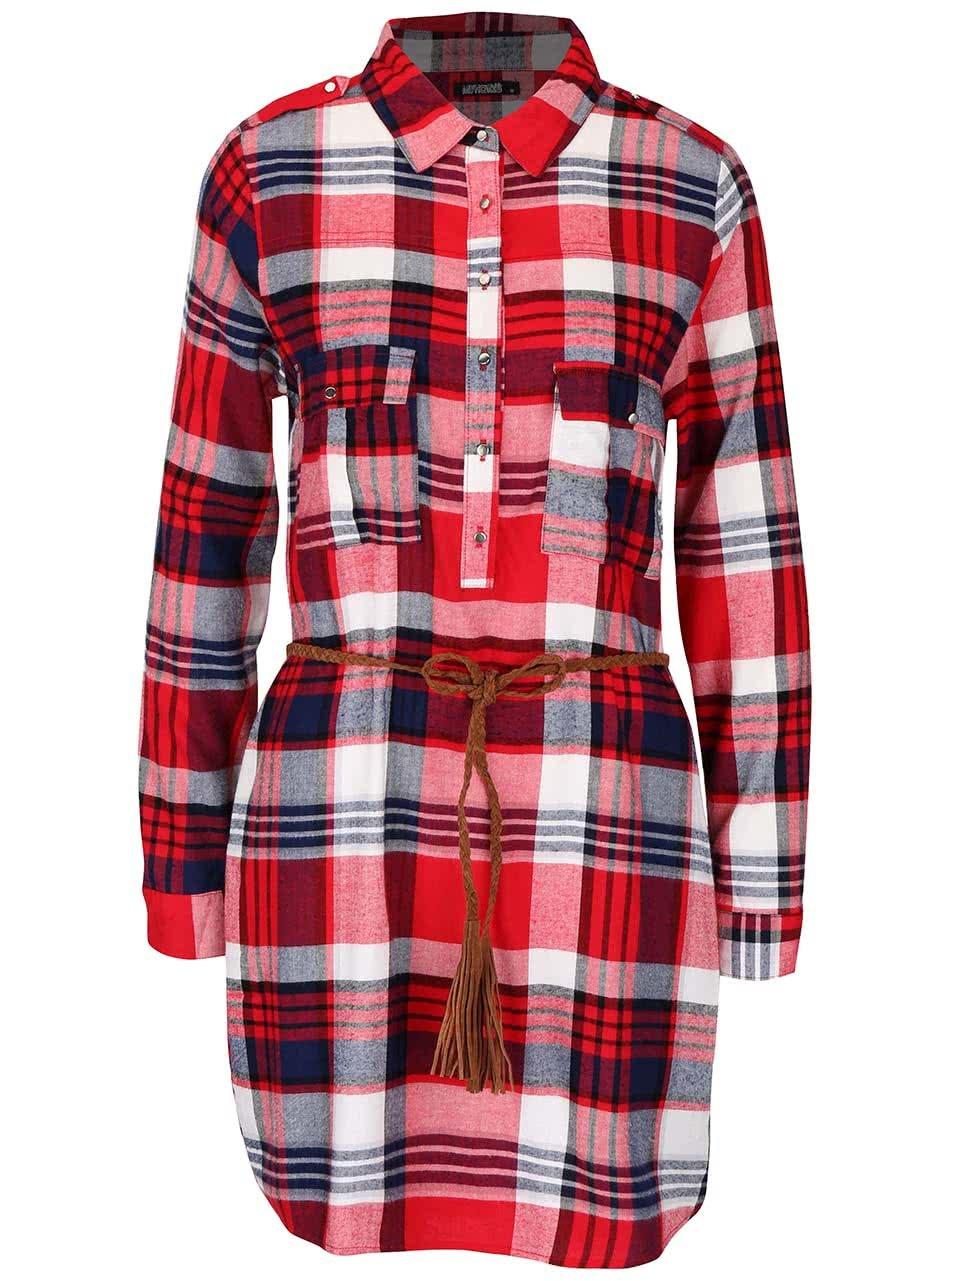 064d7b577754 Modro-červené kostkované košilové šaty s tenkým páskem Haily s Patty ...